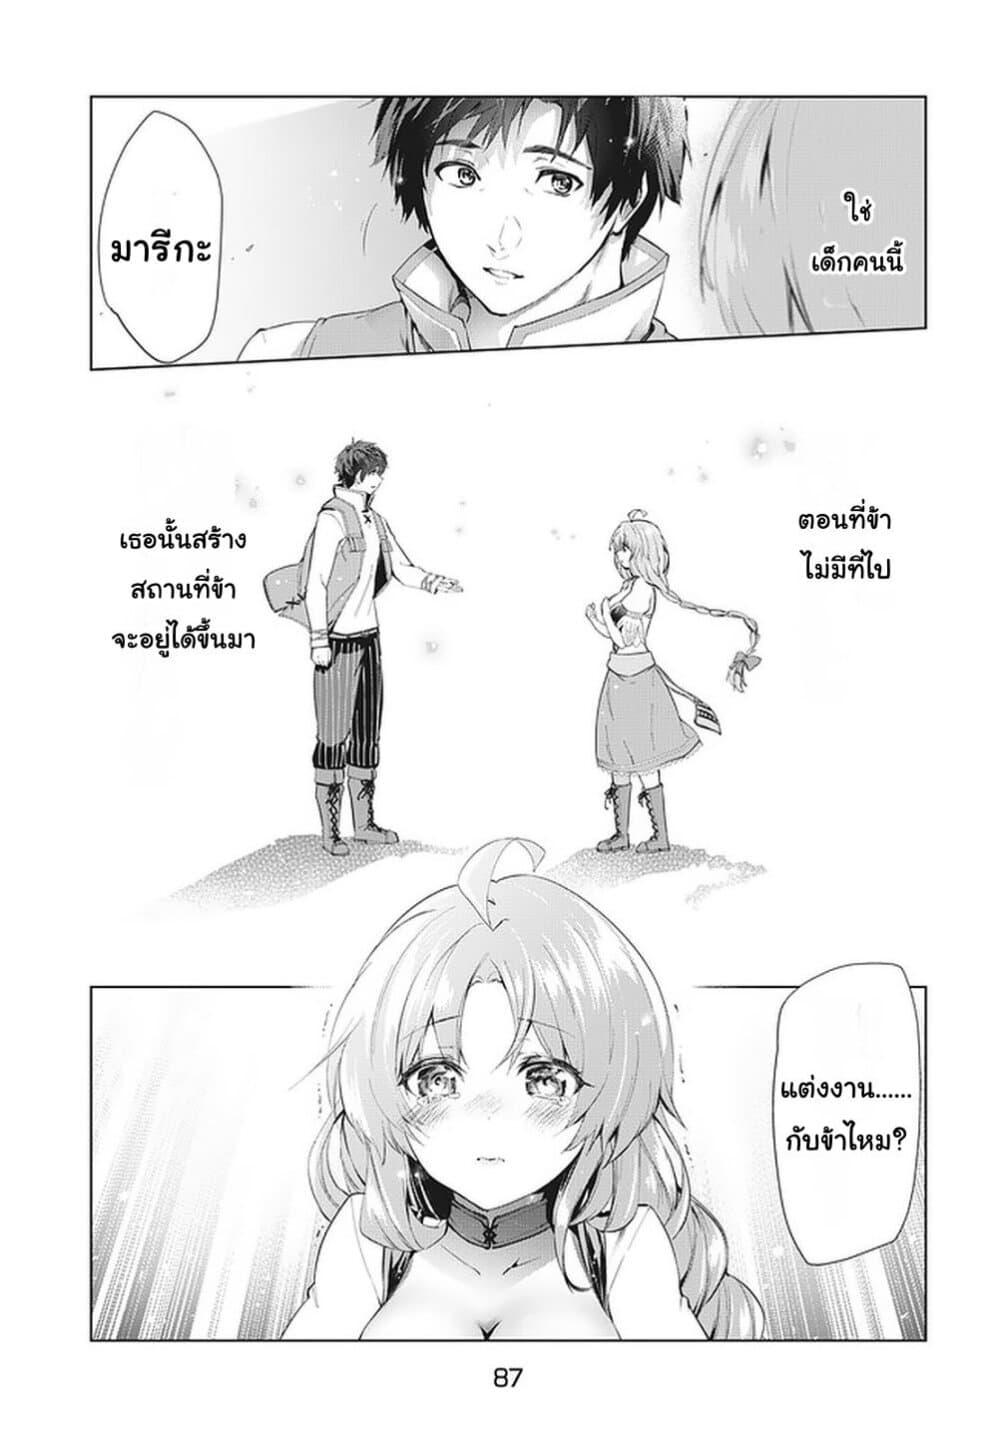 อ่านการ์ตูน Kaiko sareta Ankoku Heishi (30-dai) no Slow na Second ตอนที่ 13.1 หน้าที่ 13